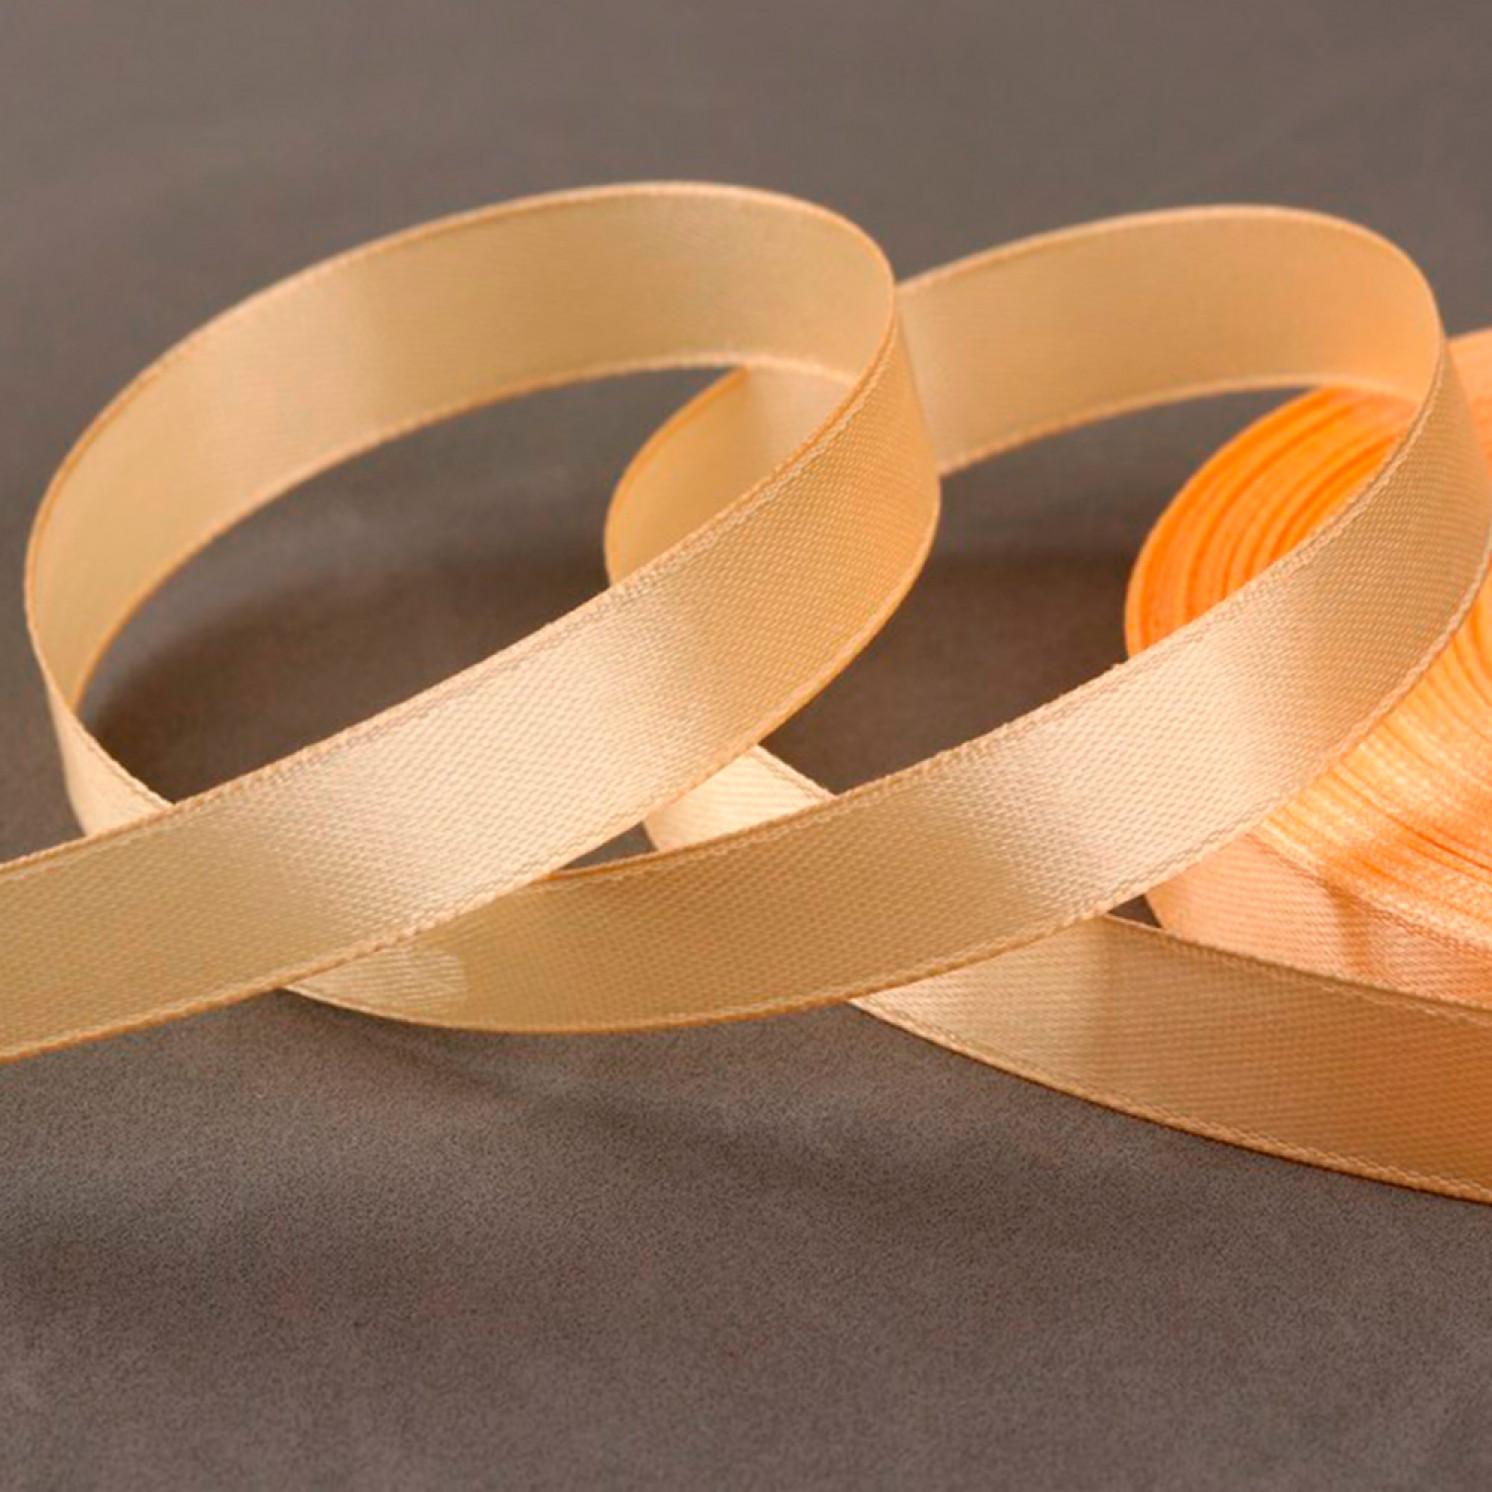 Лента атласная, 12 мм × 33 ± 2 м, цвет светло-персиковый №006